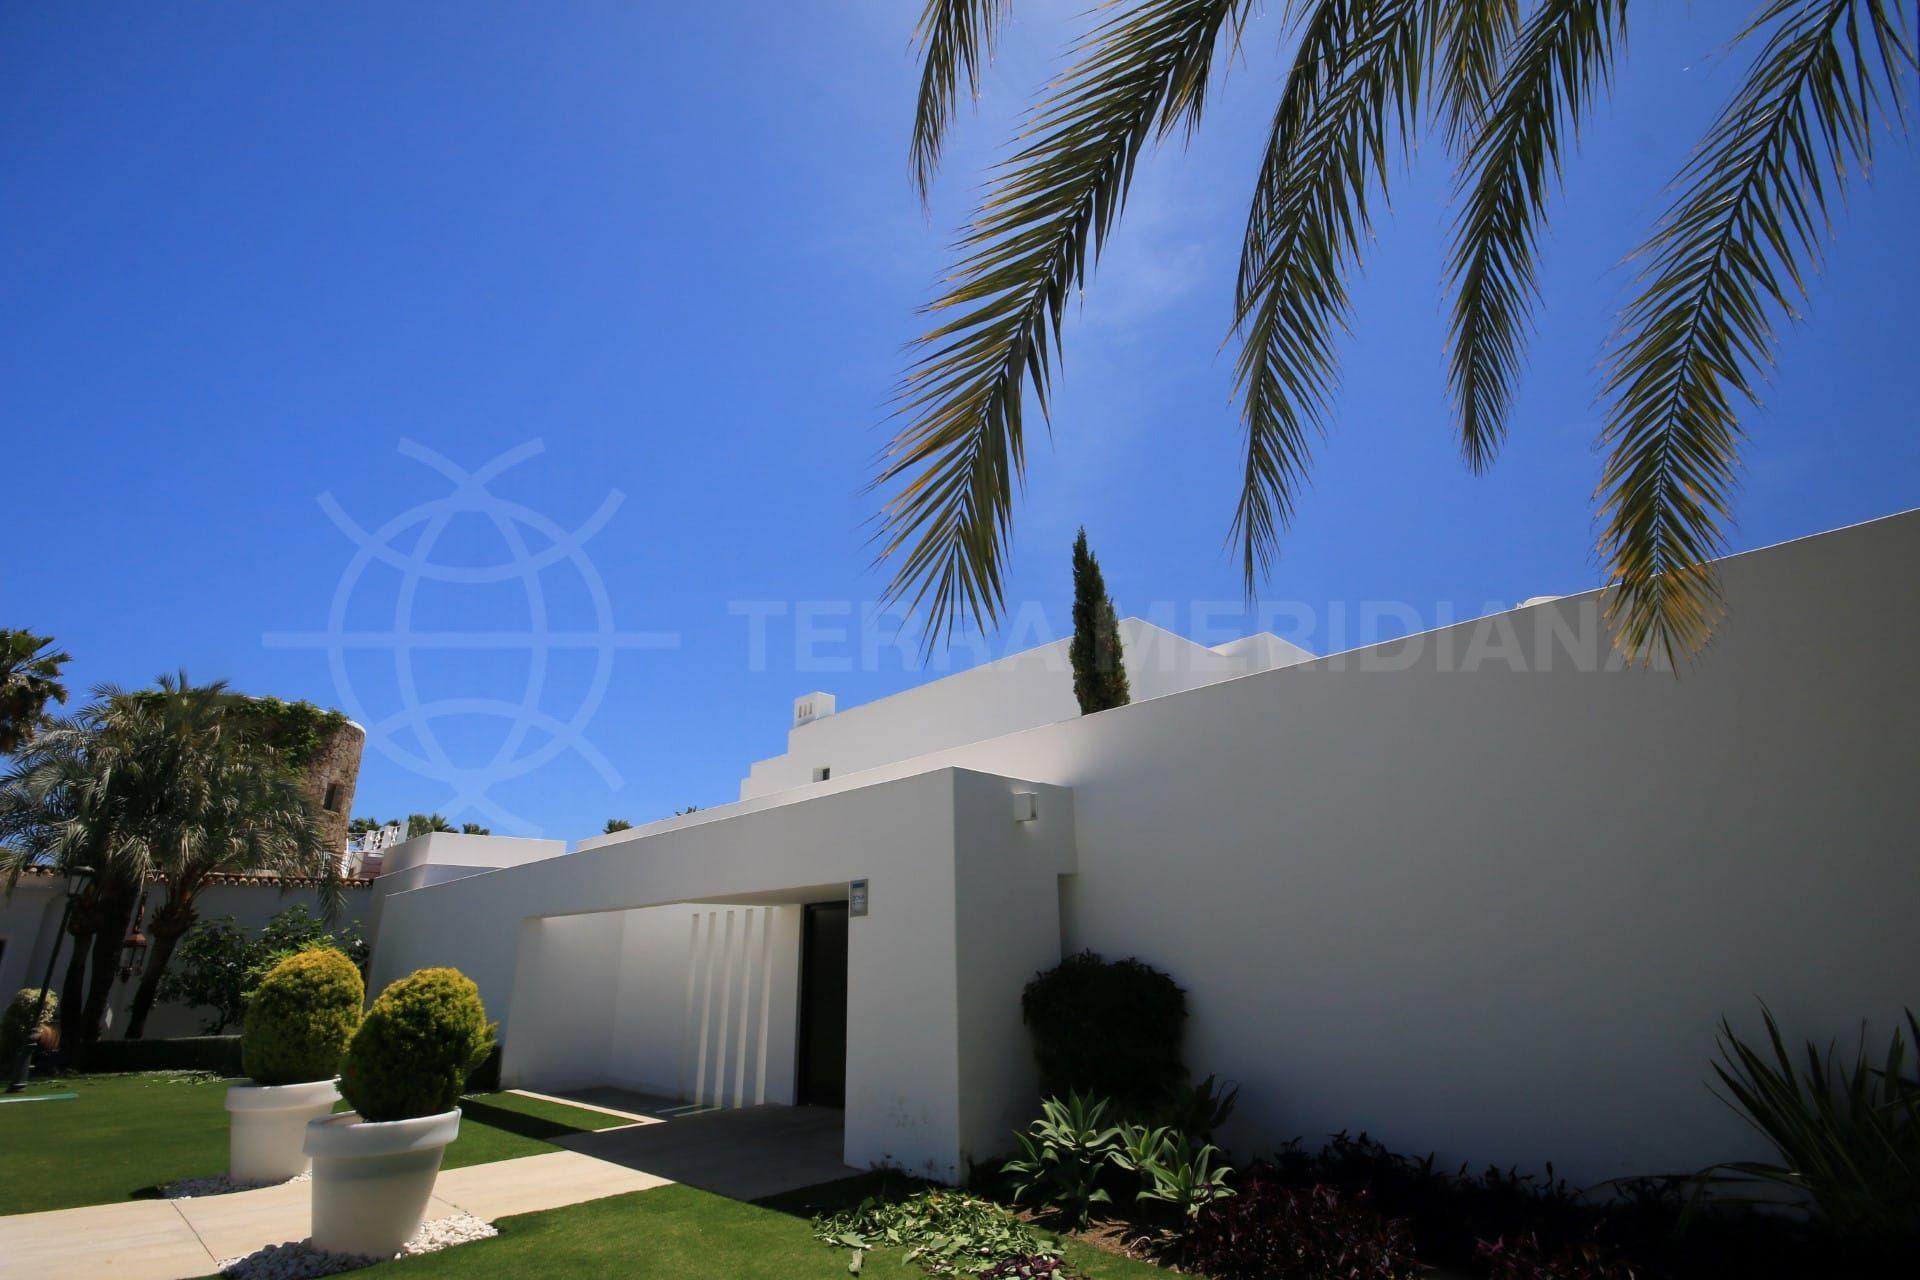 Inspecciones de propiedades en la Costa del Sol